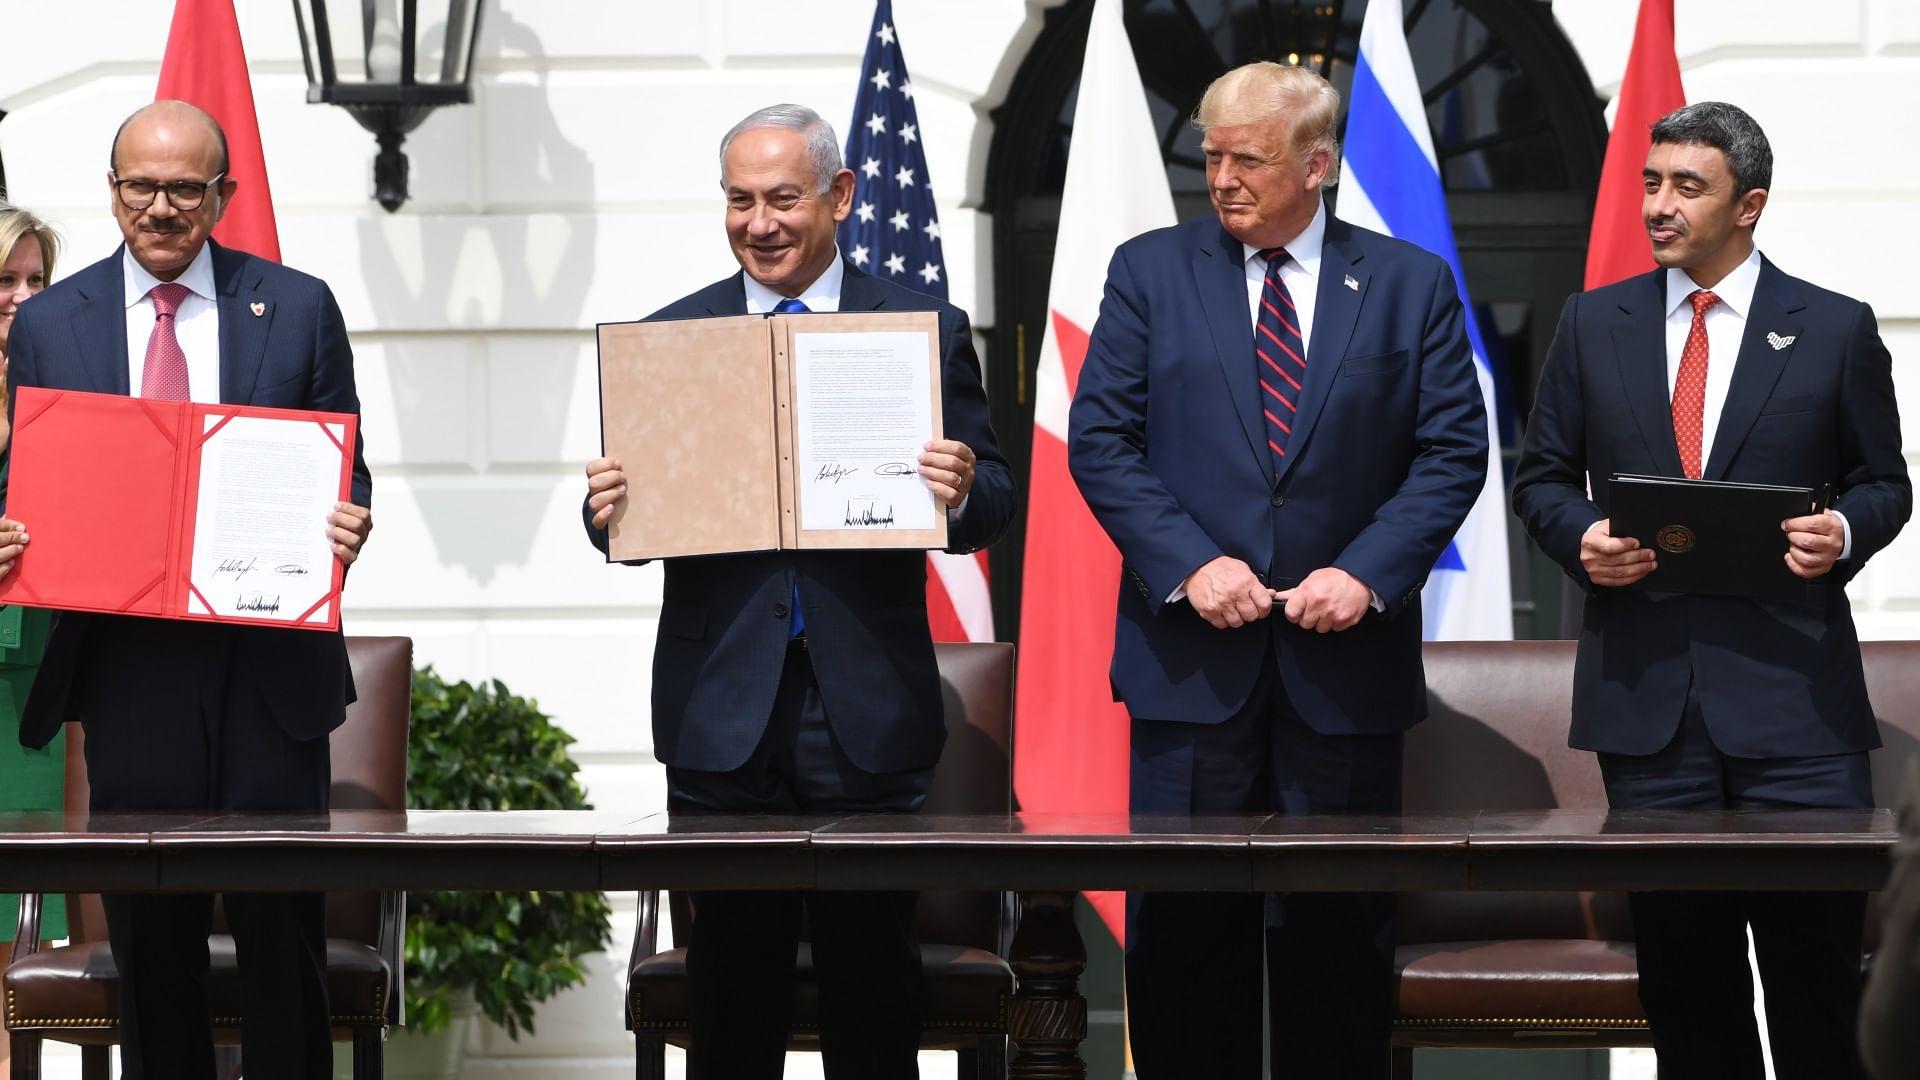 Des succès diplomatiques